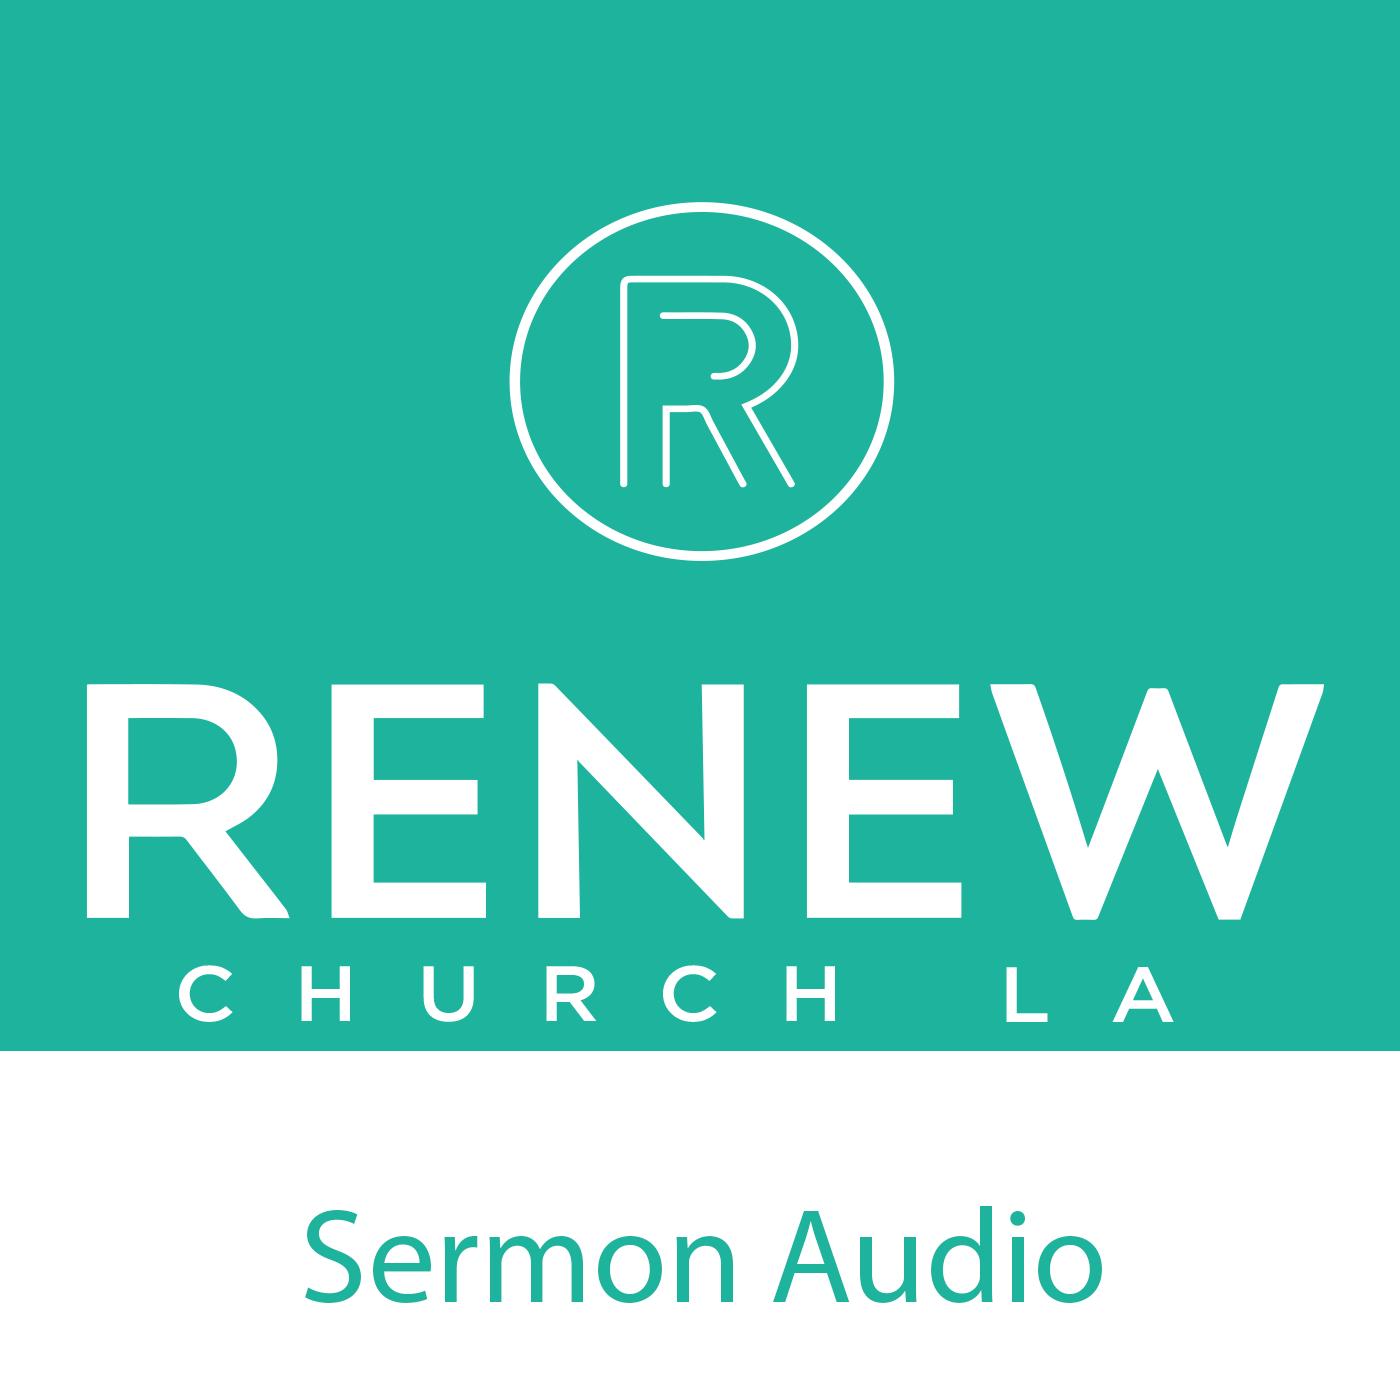 Sermon Podcast - Renew Church LA